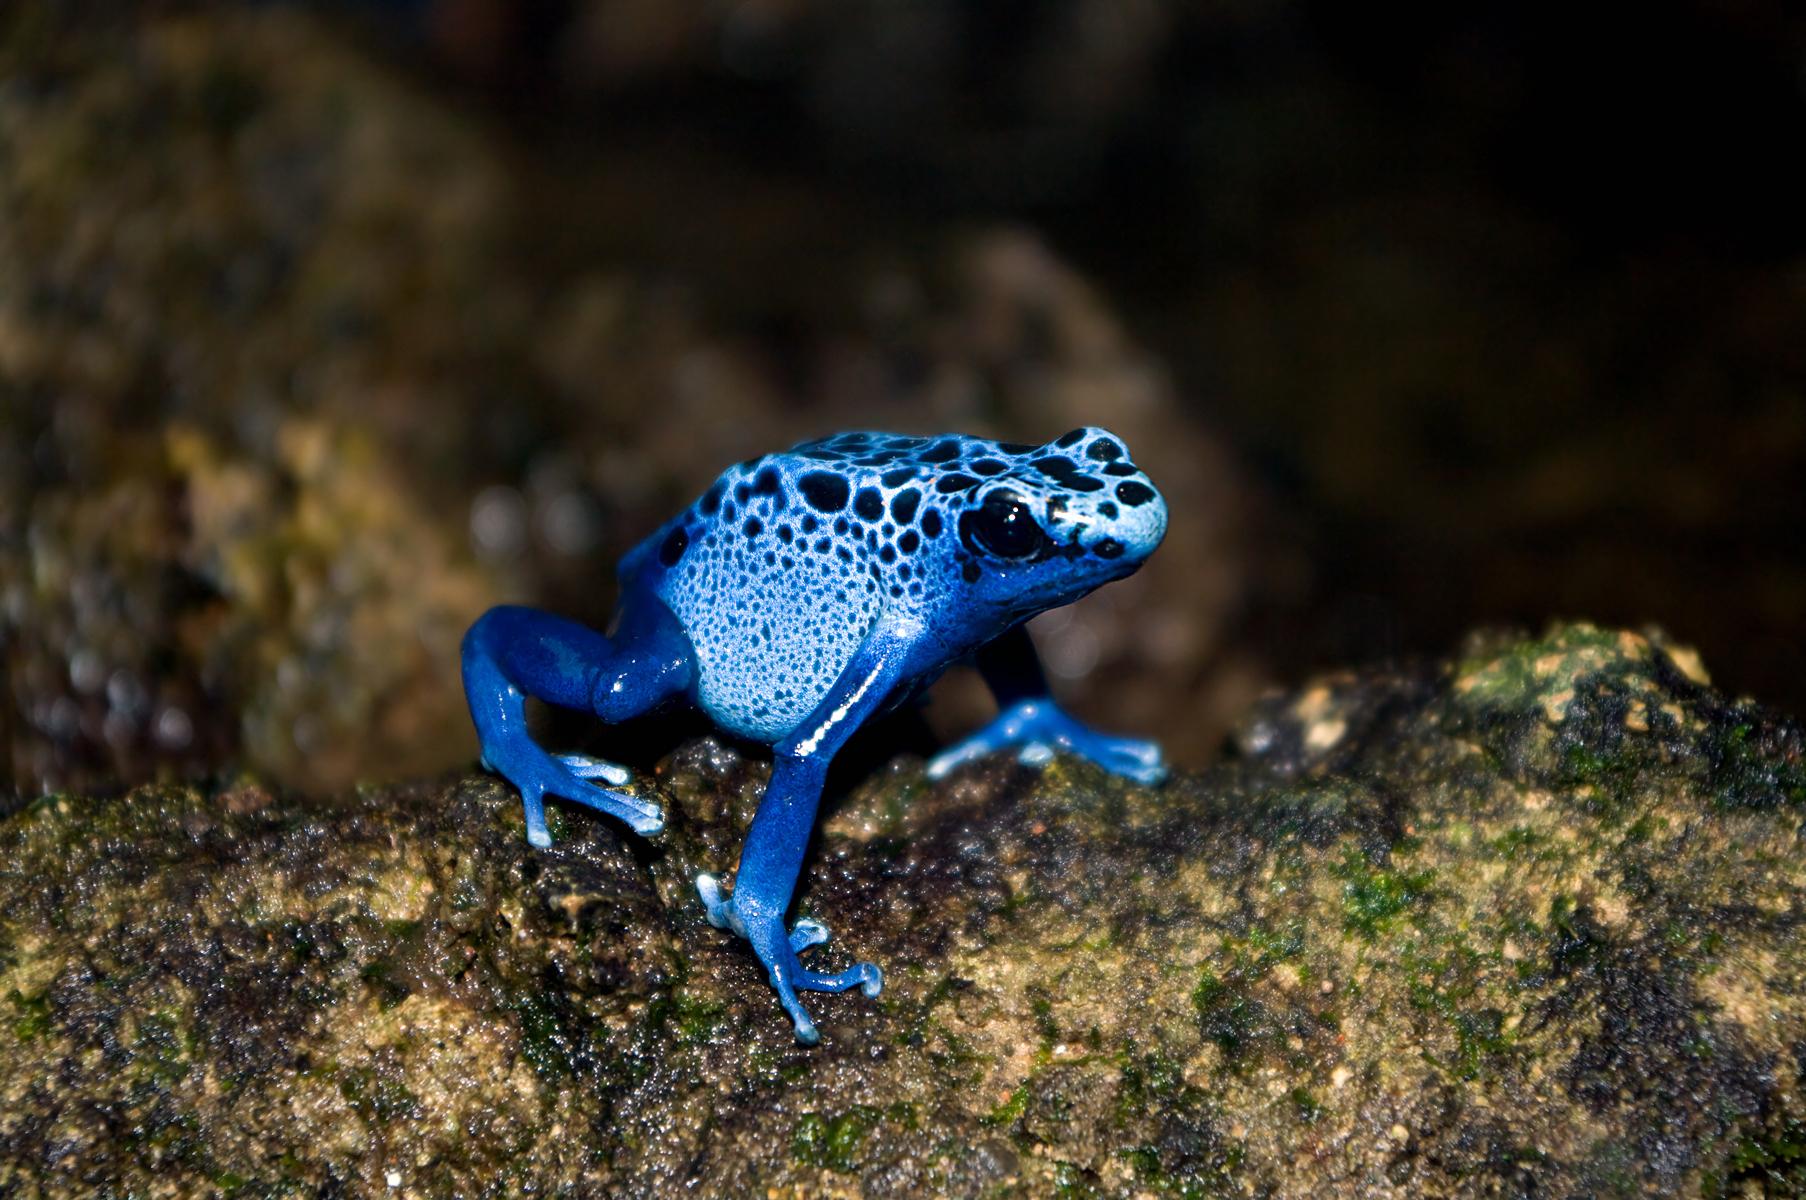 new frogs featured exhibit opens jan 28 pressroom